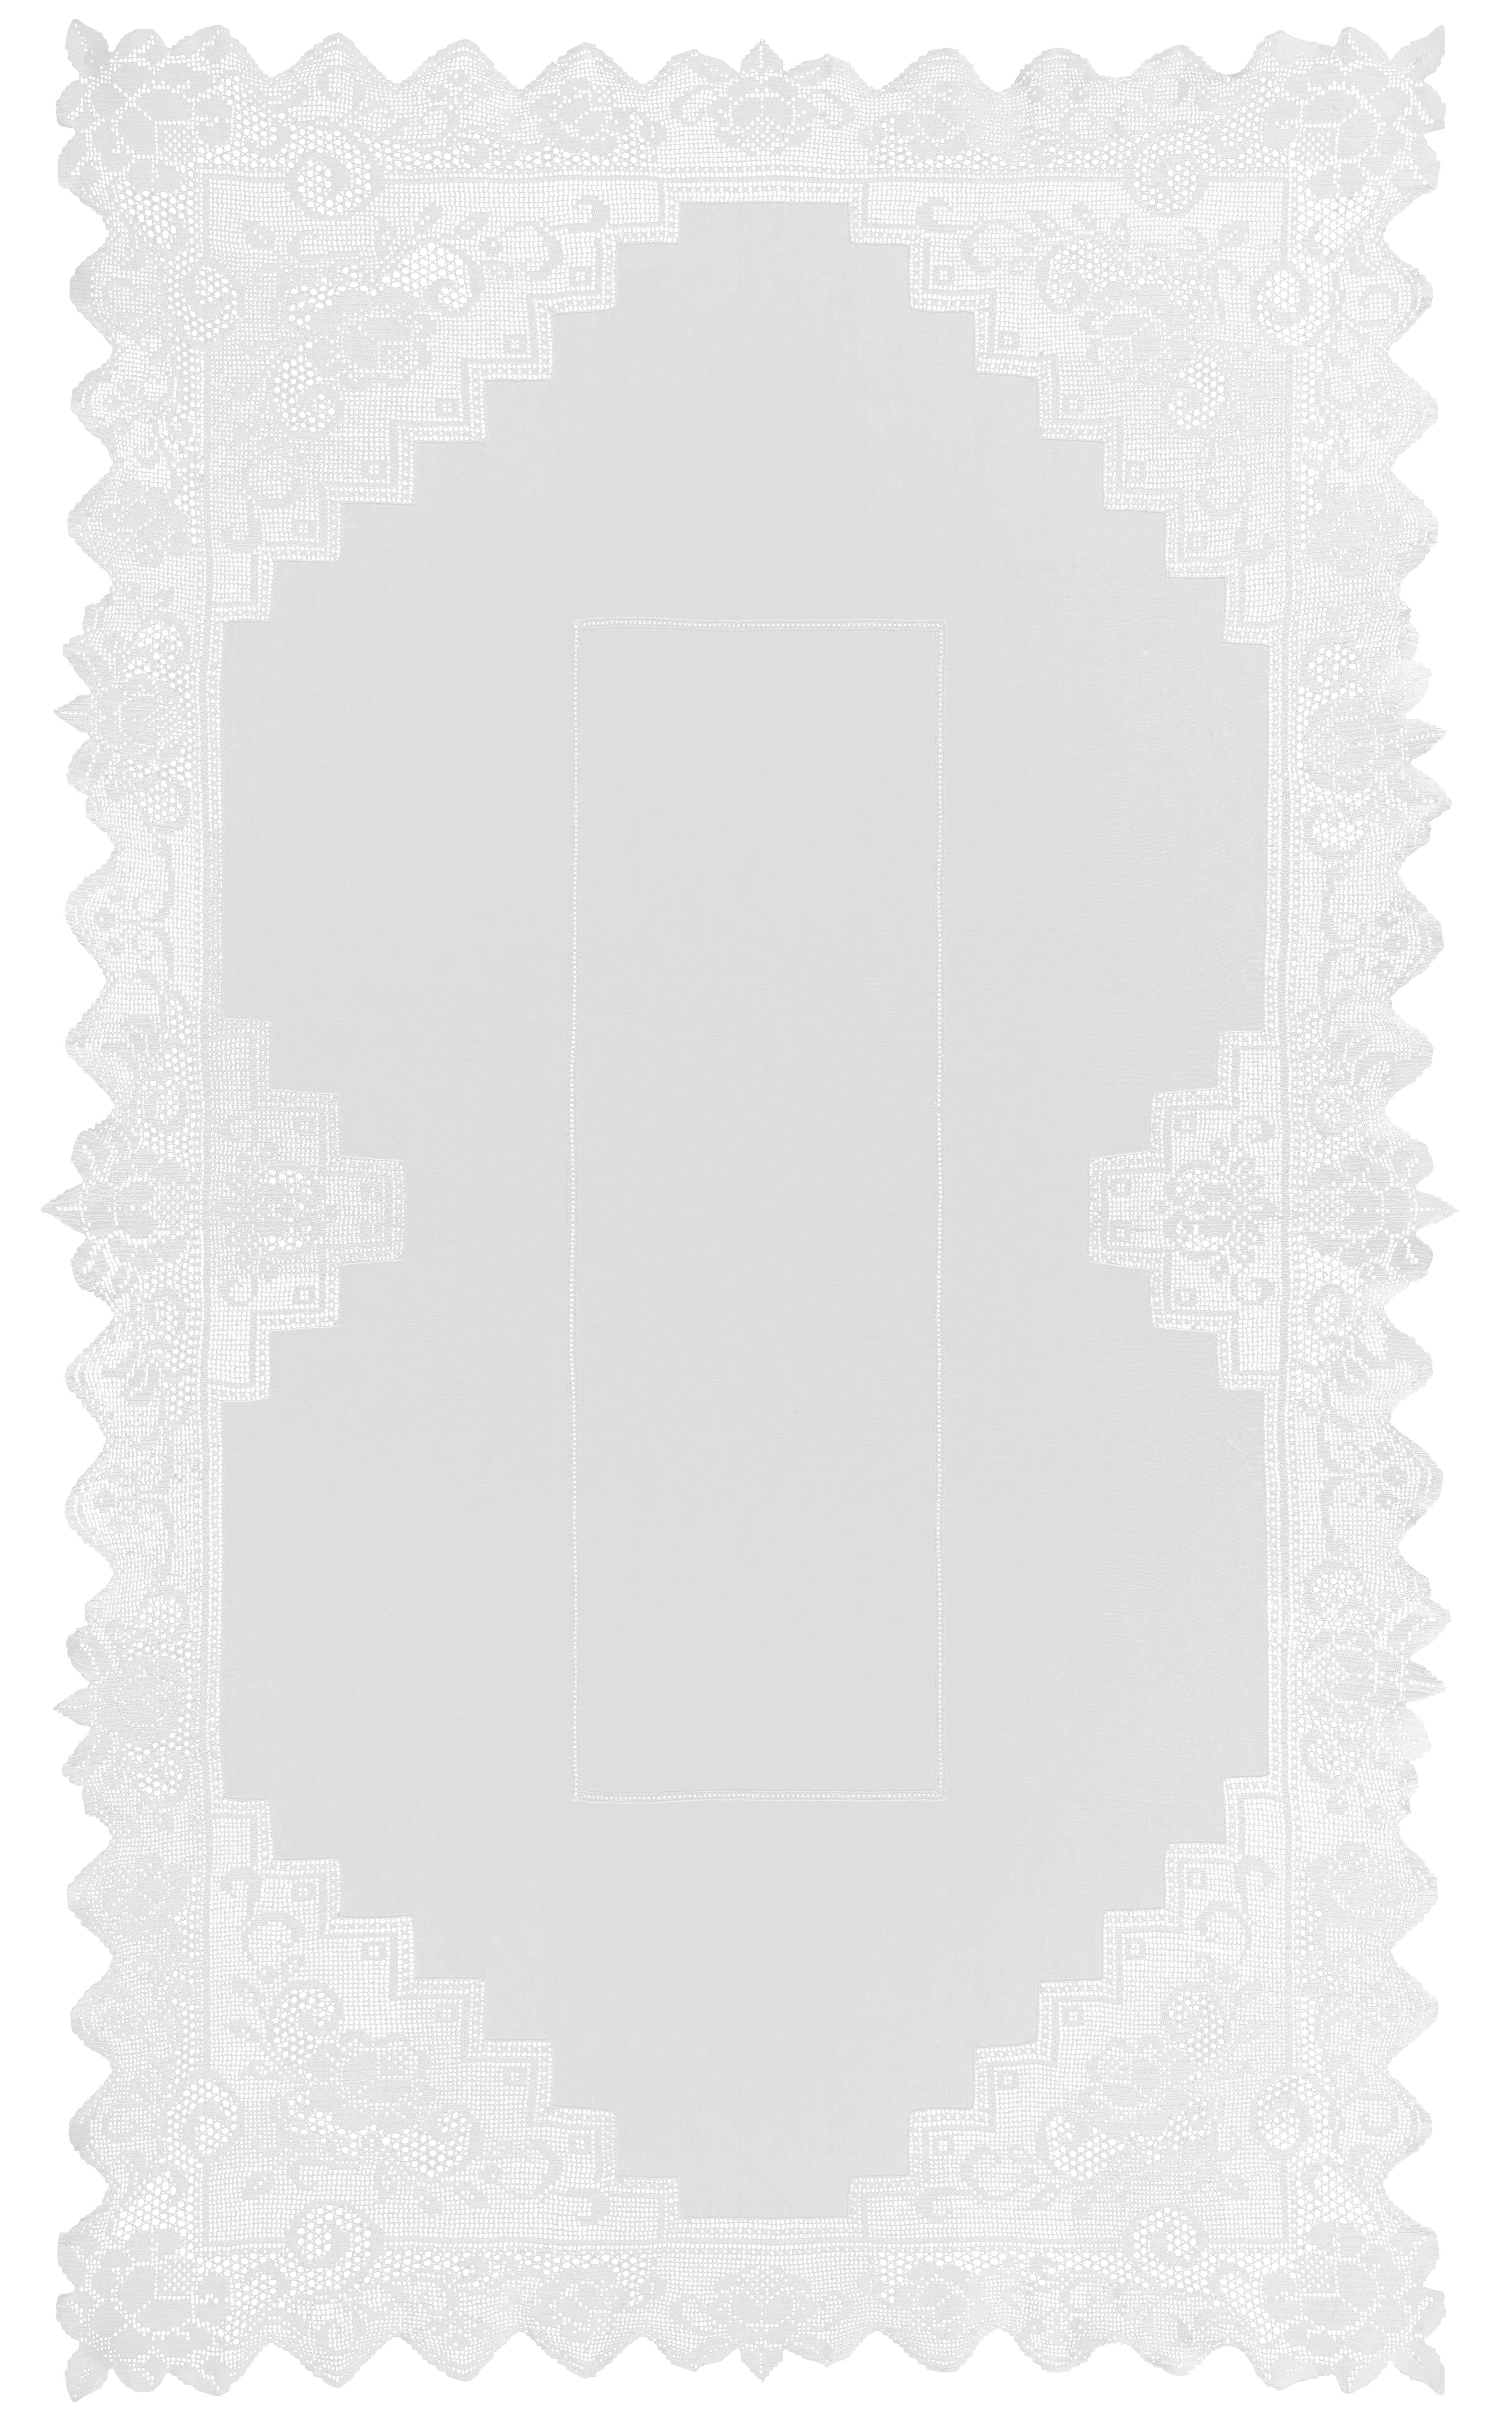 Tischdecke Constance 220x130cm - Weiß, KONVENTIONELL, Textil (220/130cm) - MÖMAX modern living